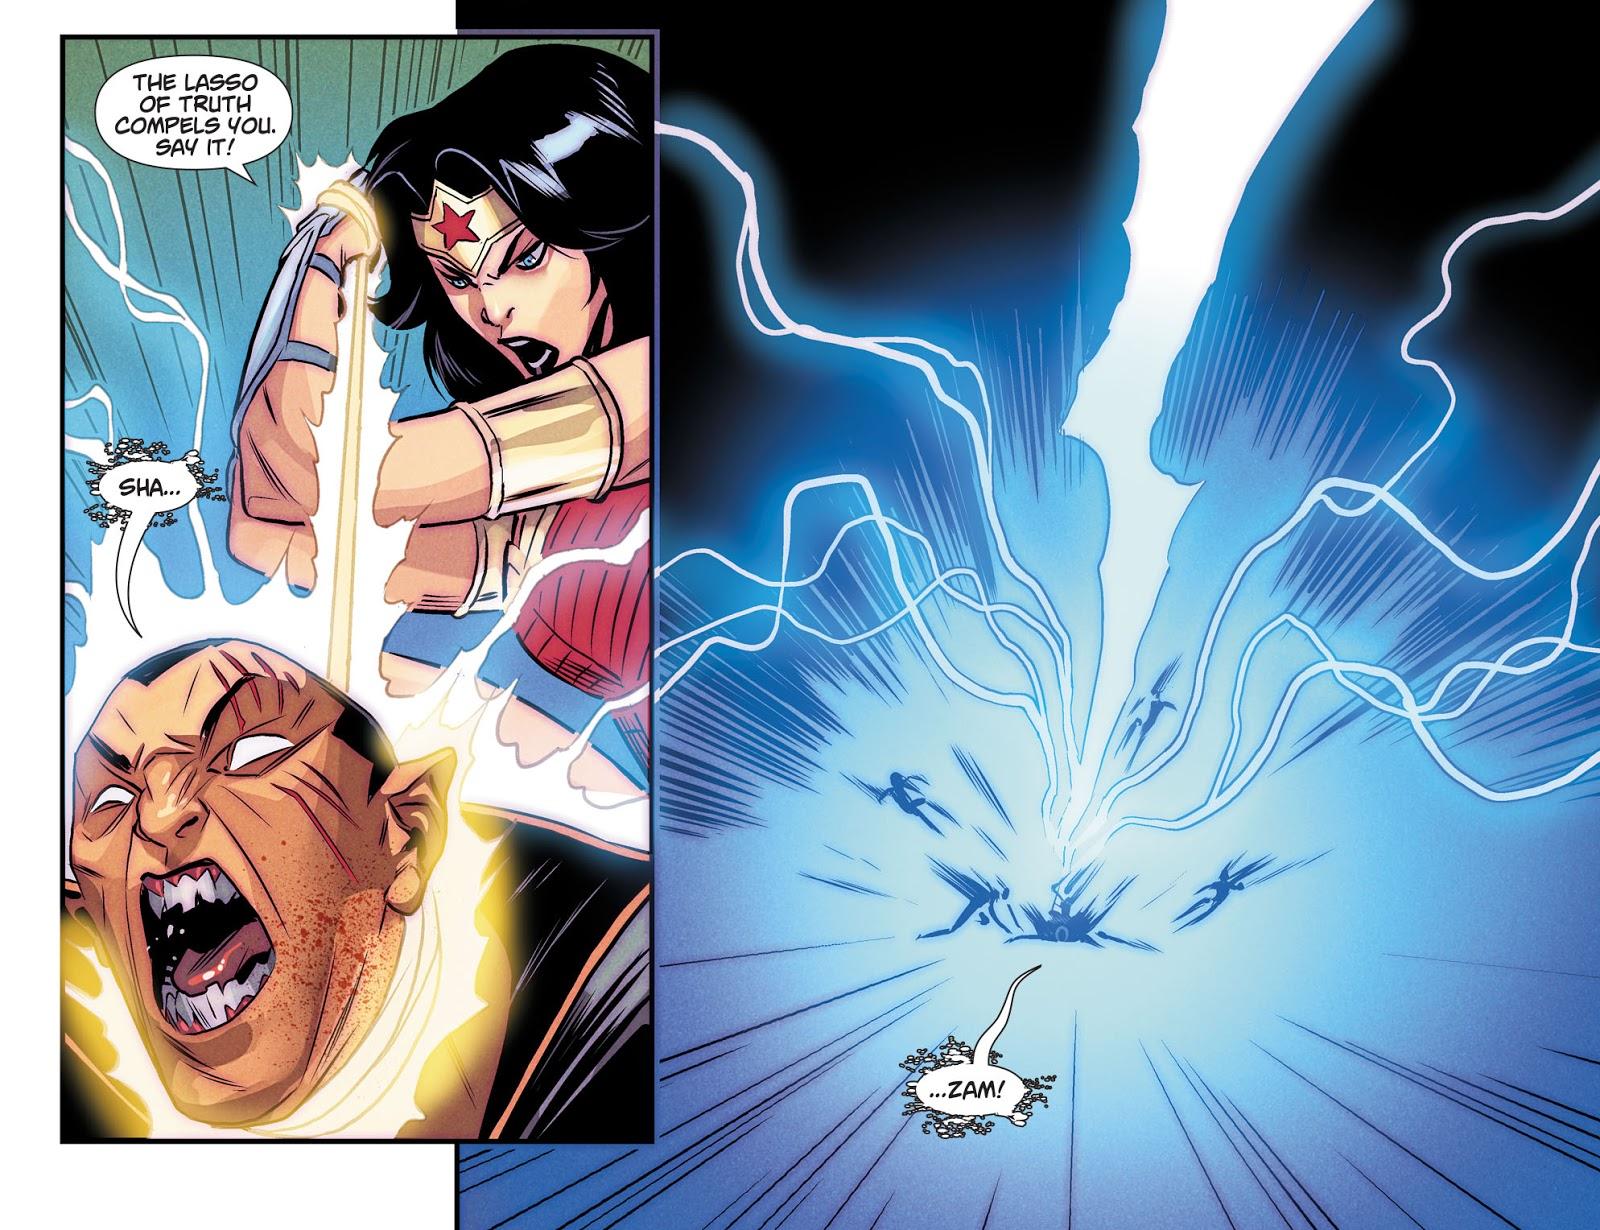 Superman, Wonder Girl, Green Lantern VS Zombie Black Adam (Dceased)